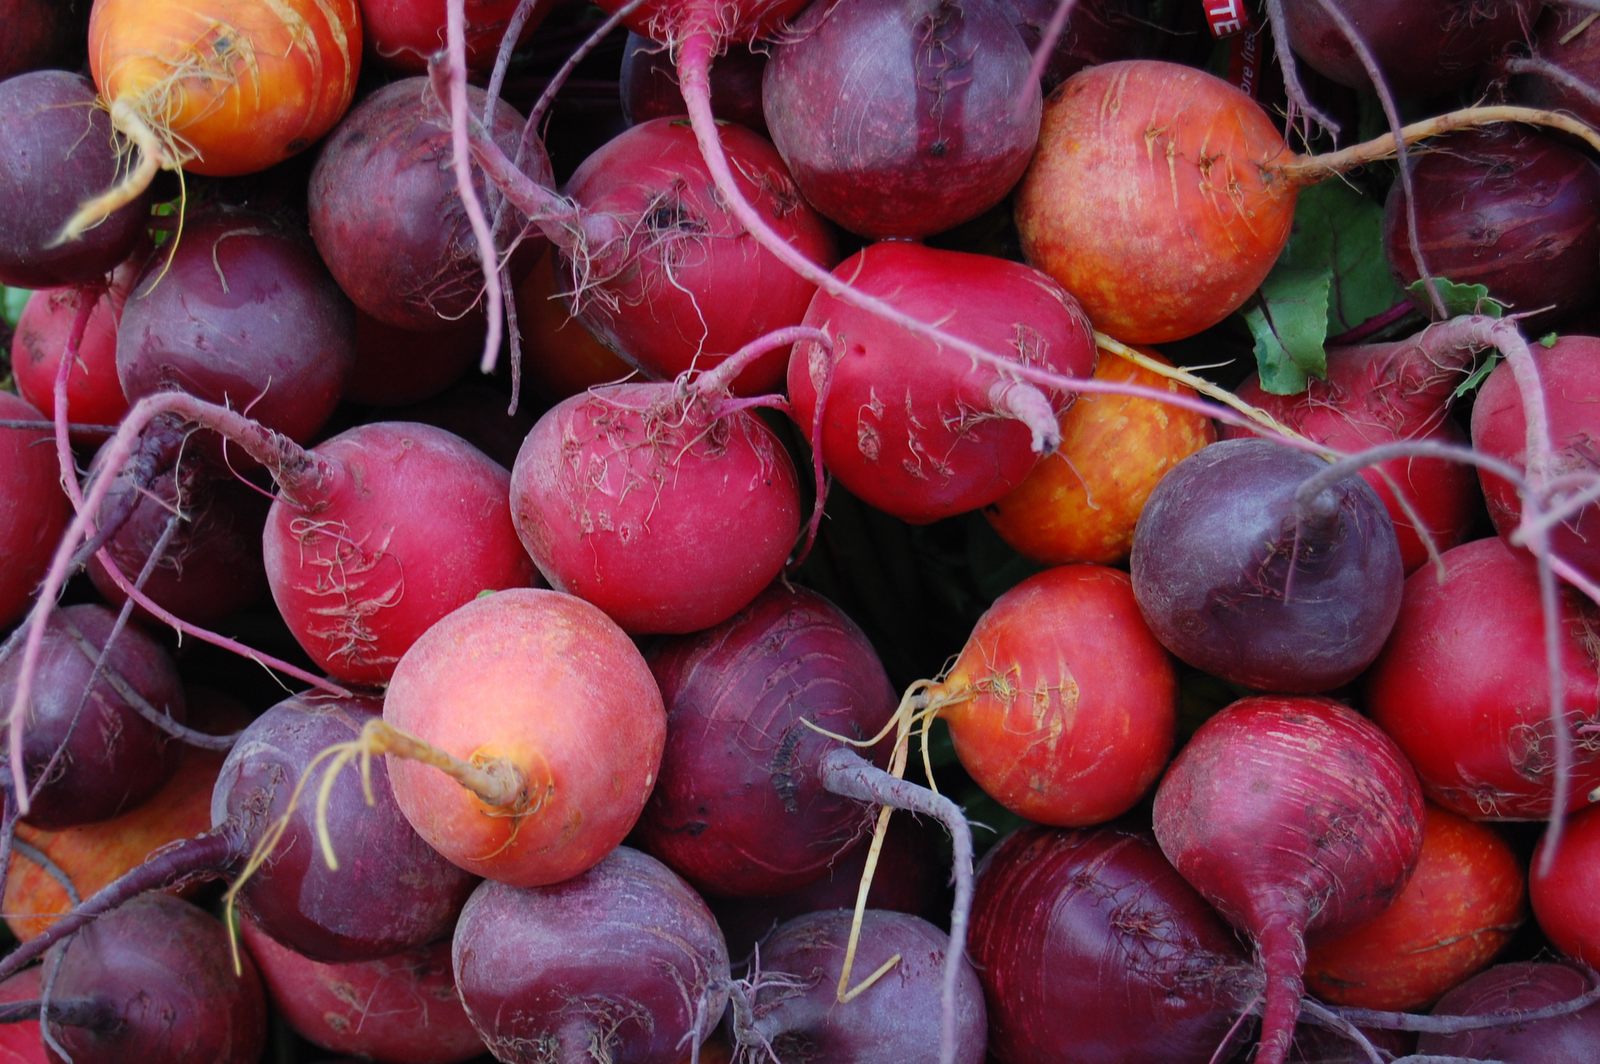 beets-anti-inflammatory